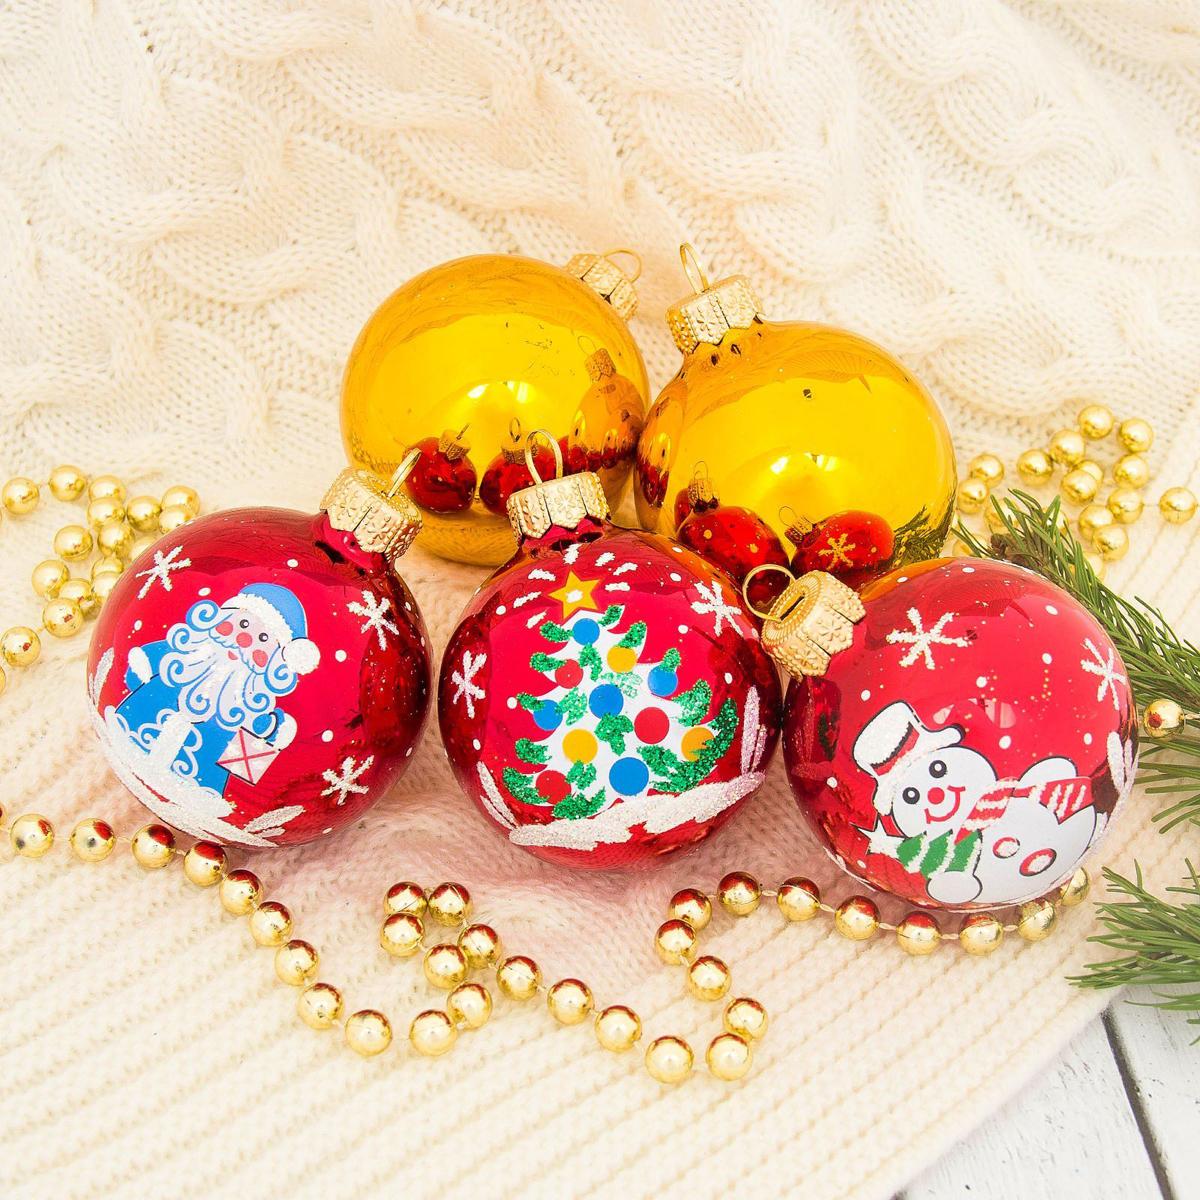 Набор новогодних подвесных украшений Ёлочка Волшебство, диаметр 6 см, 5 шт2564840Набор новогодних подвесных украшений Ёлочка отлично подойдет для декорации вашего дома и новогодней ели. С помощью специальной петельки украшение можно повесить в любом понравившемся вам месте. Но, конечно, удачнее всего оно будет смотреться на праздничной елке. Елочная игрушка - символ Нового года. Она несет в себе волшебство и красоту праздника. Создайте в своем доме атмосферу веселья и радости, украшая новогоднюю елку нарядными игрушками, которые будут из года в год накапливать теплоту воспоминаний.